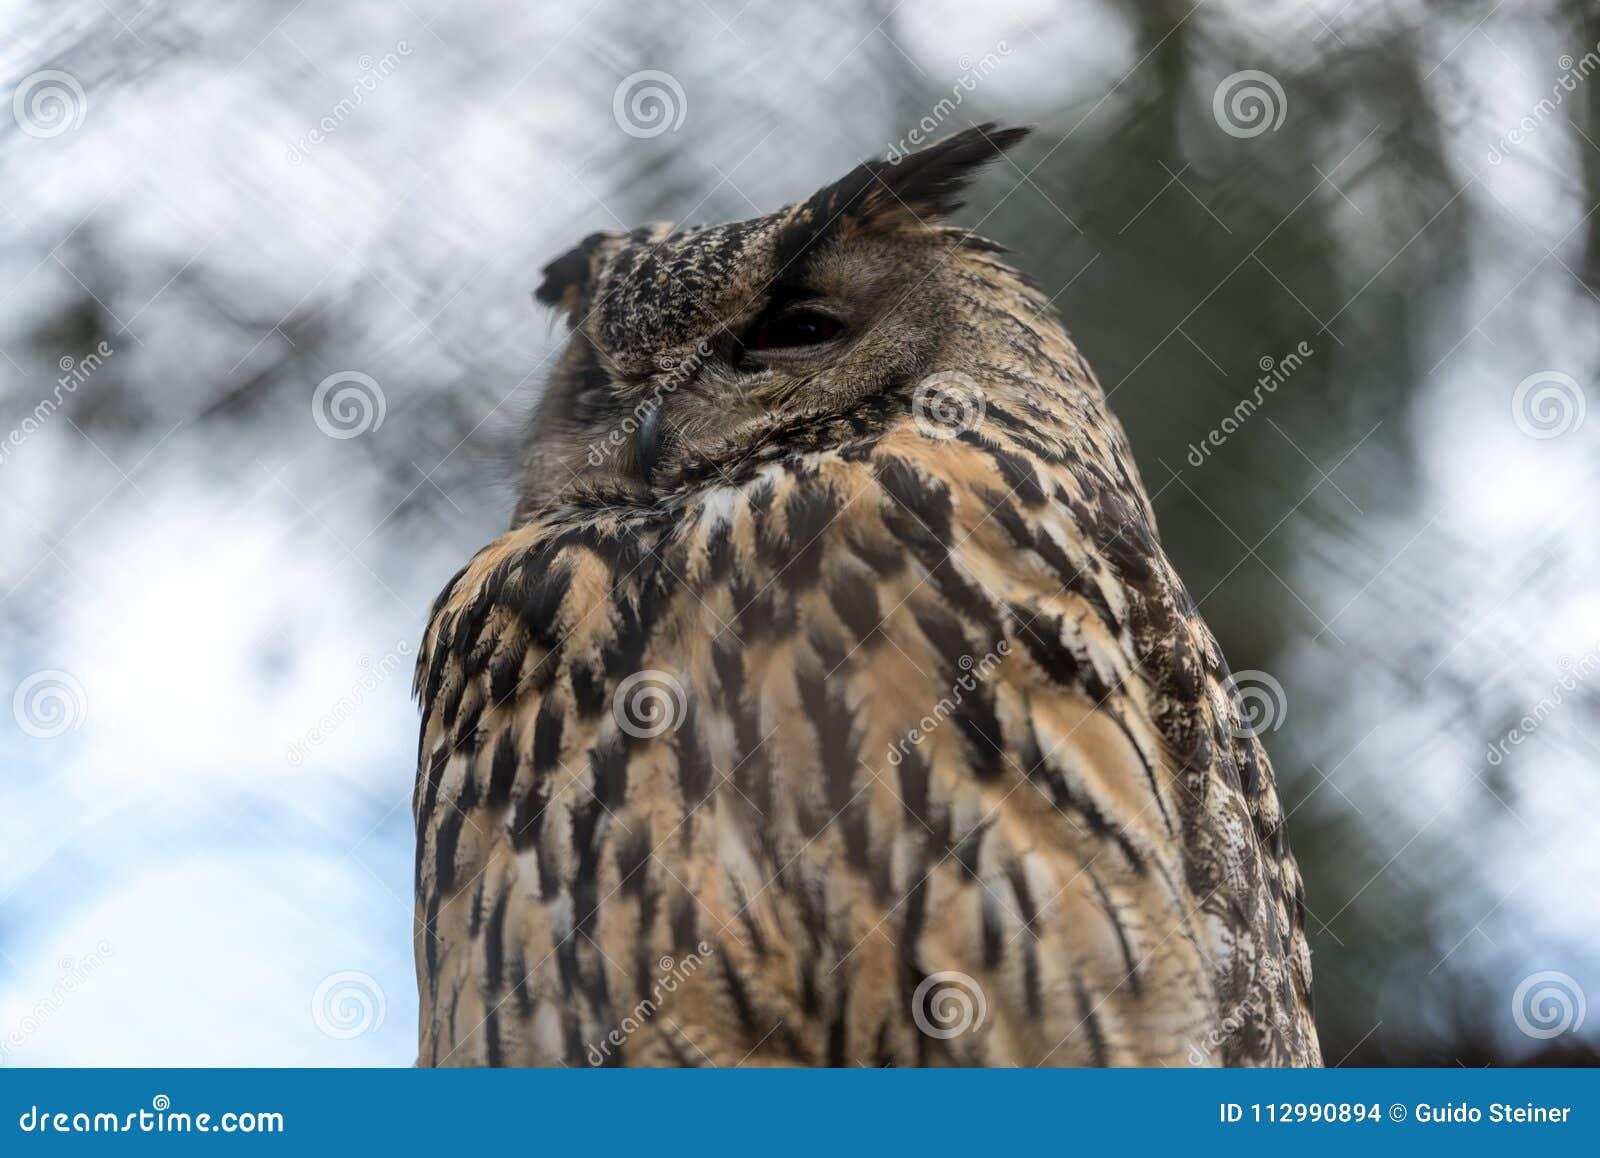 Big eagle owl